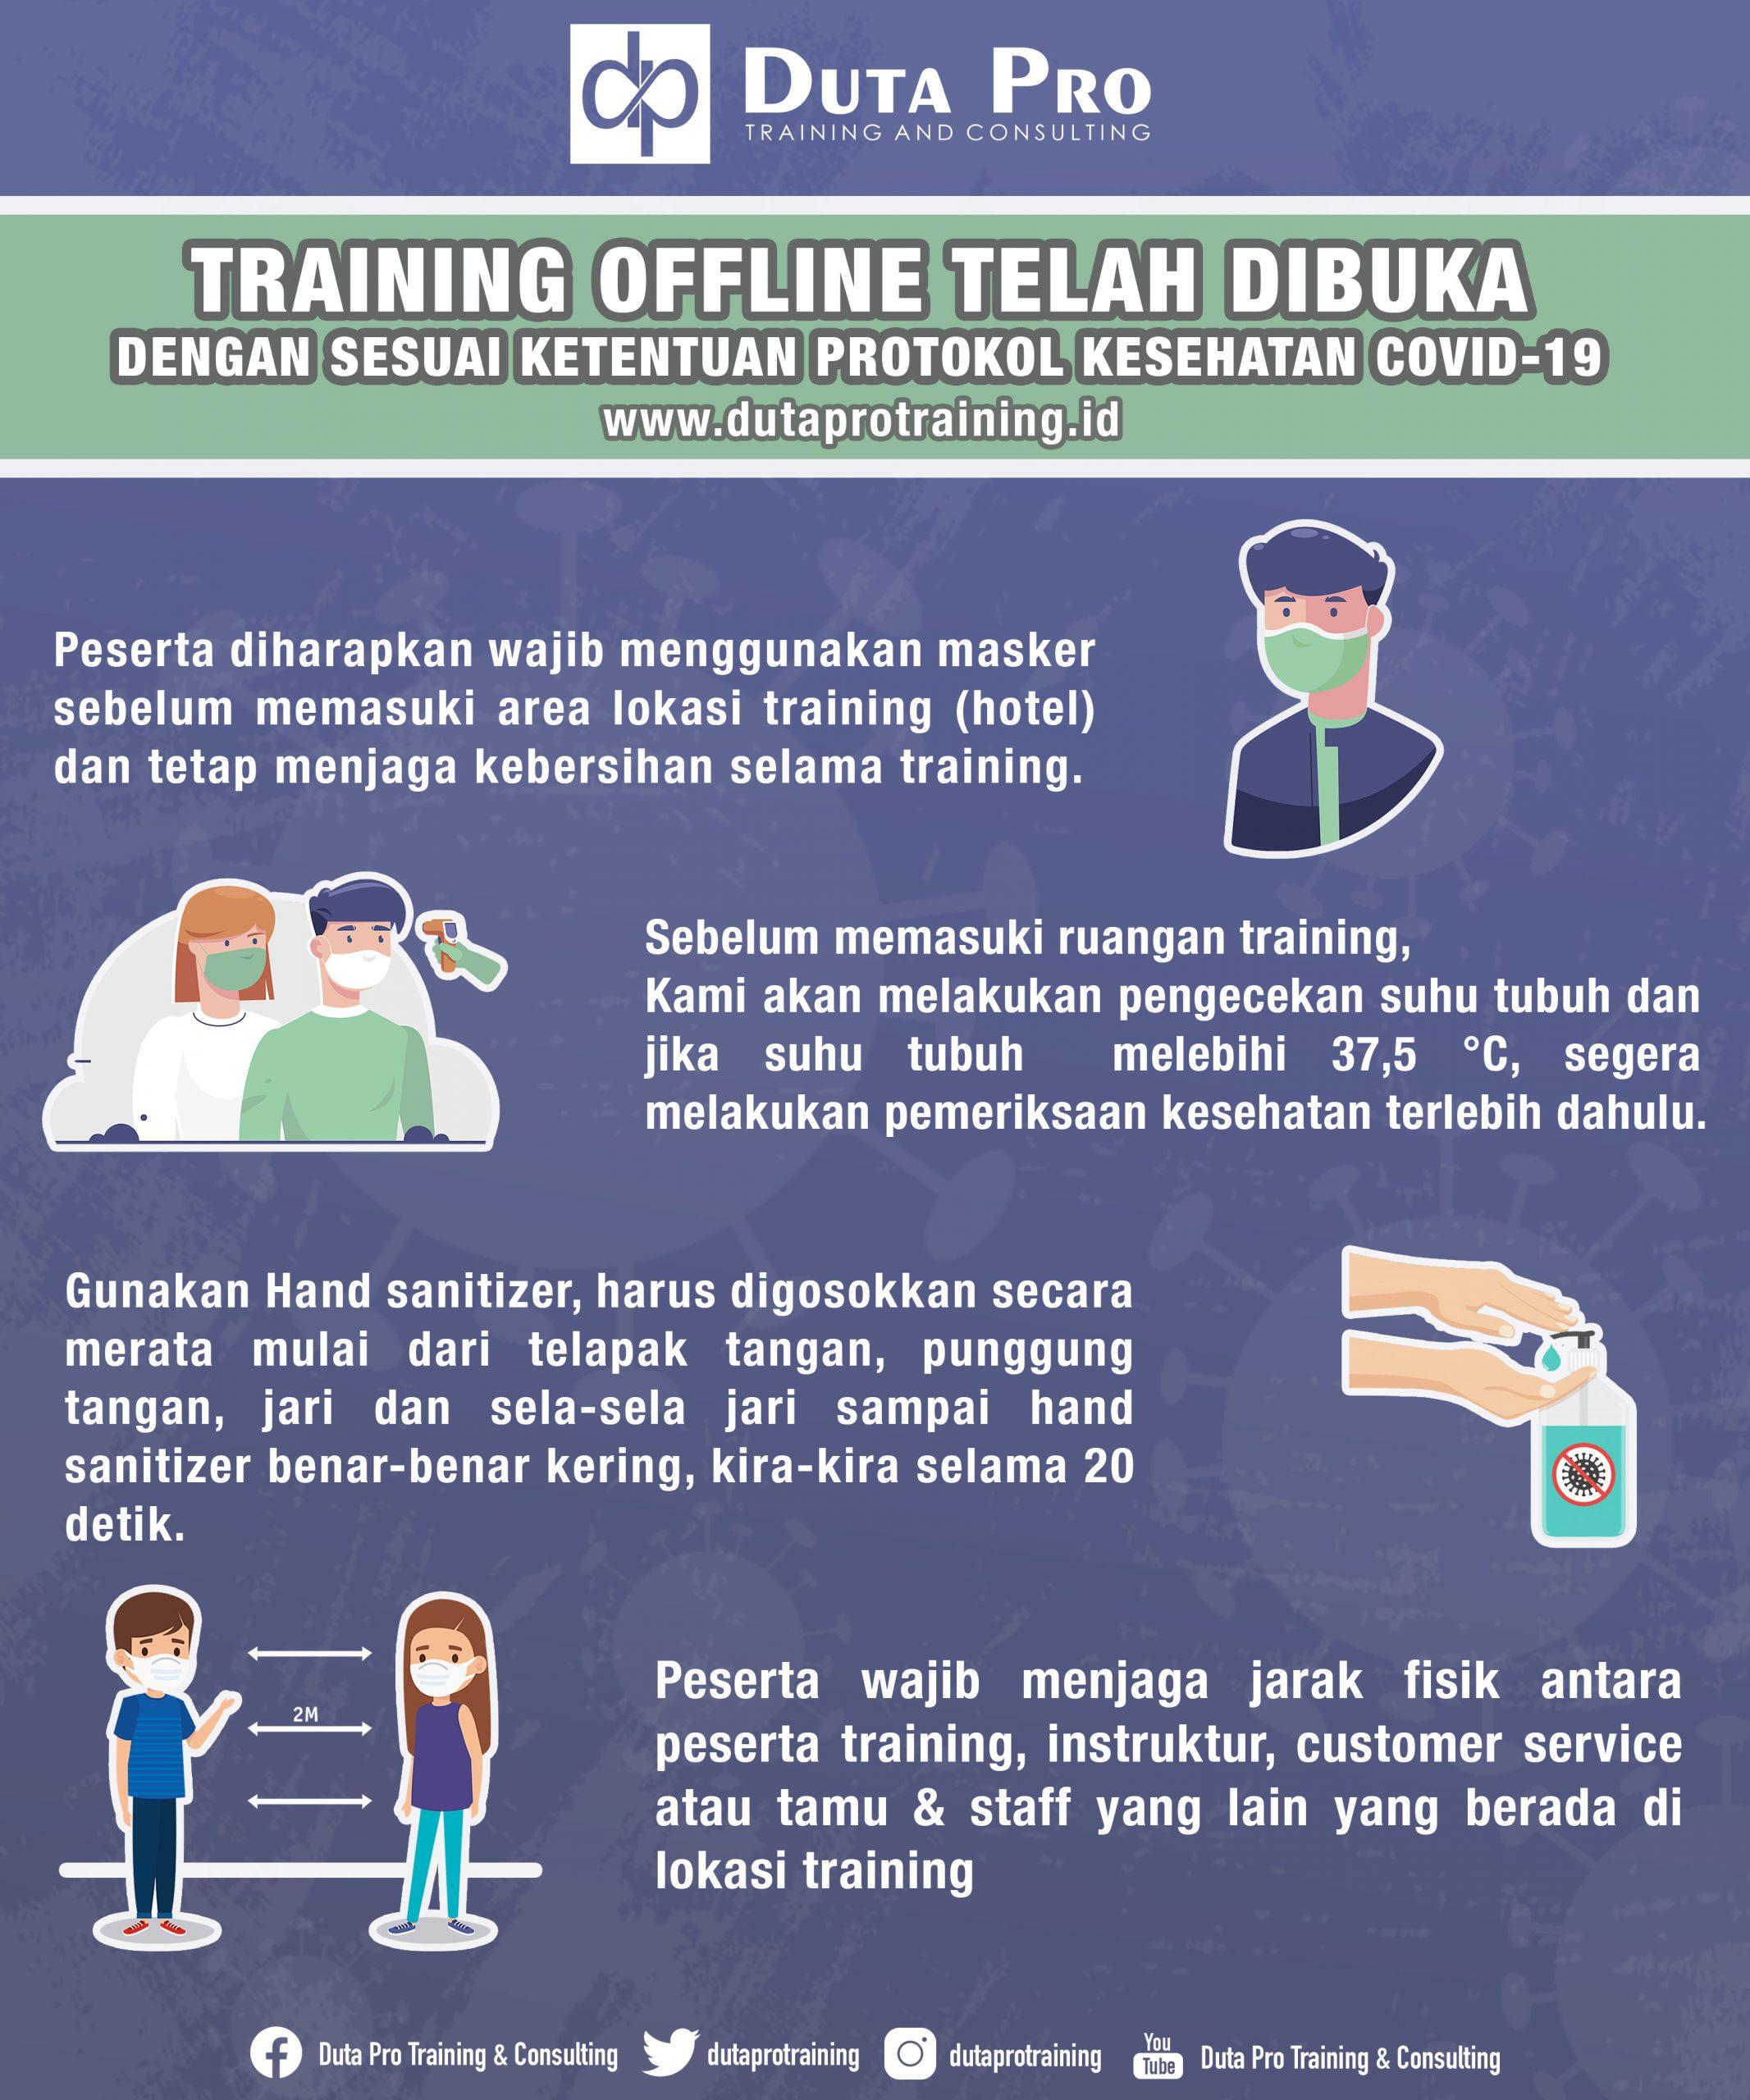 Training Offline Telah Dibuka Dengan Sesuai Ketentuan Protokol Kesehatan COVID-19